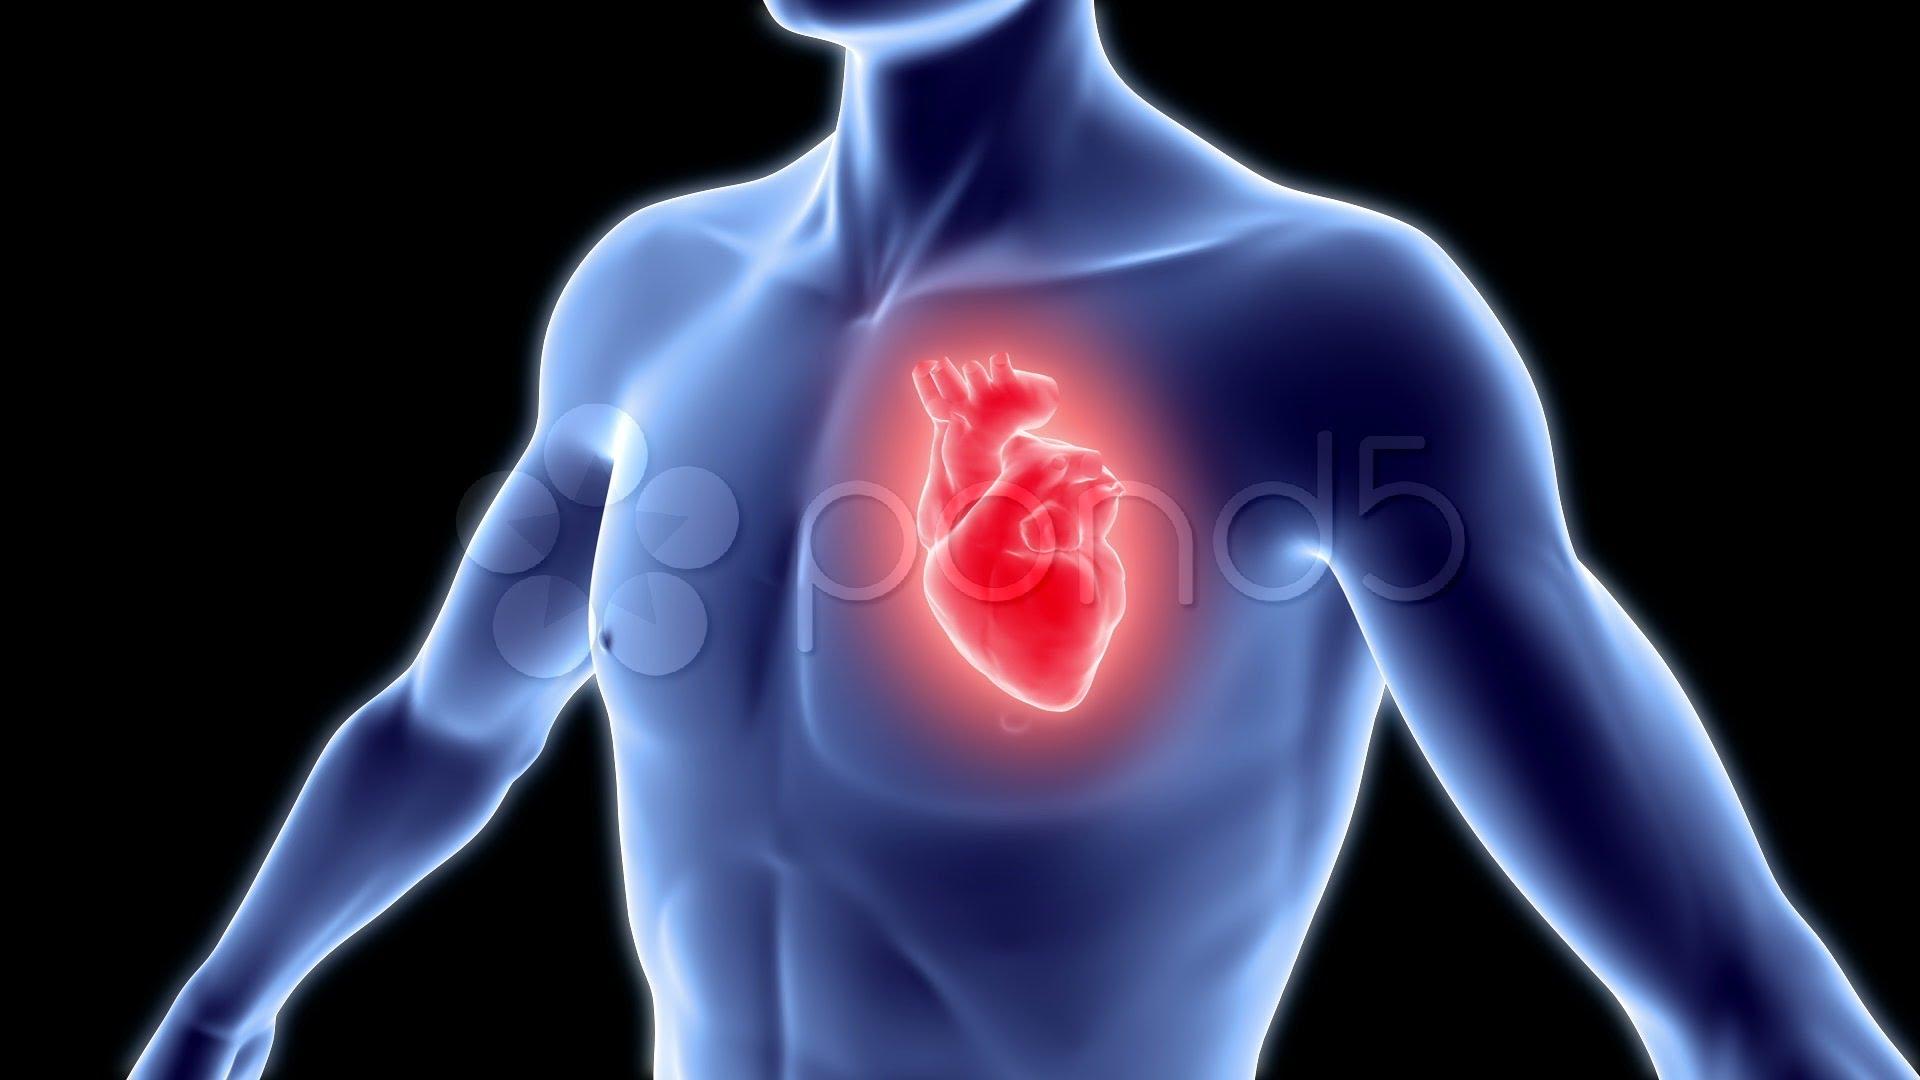 صور صور قلب الانسان , صور توضح شكل القلب